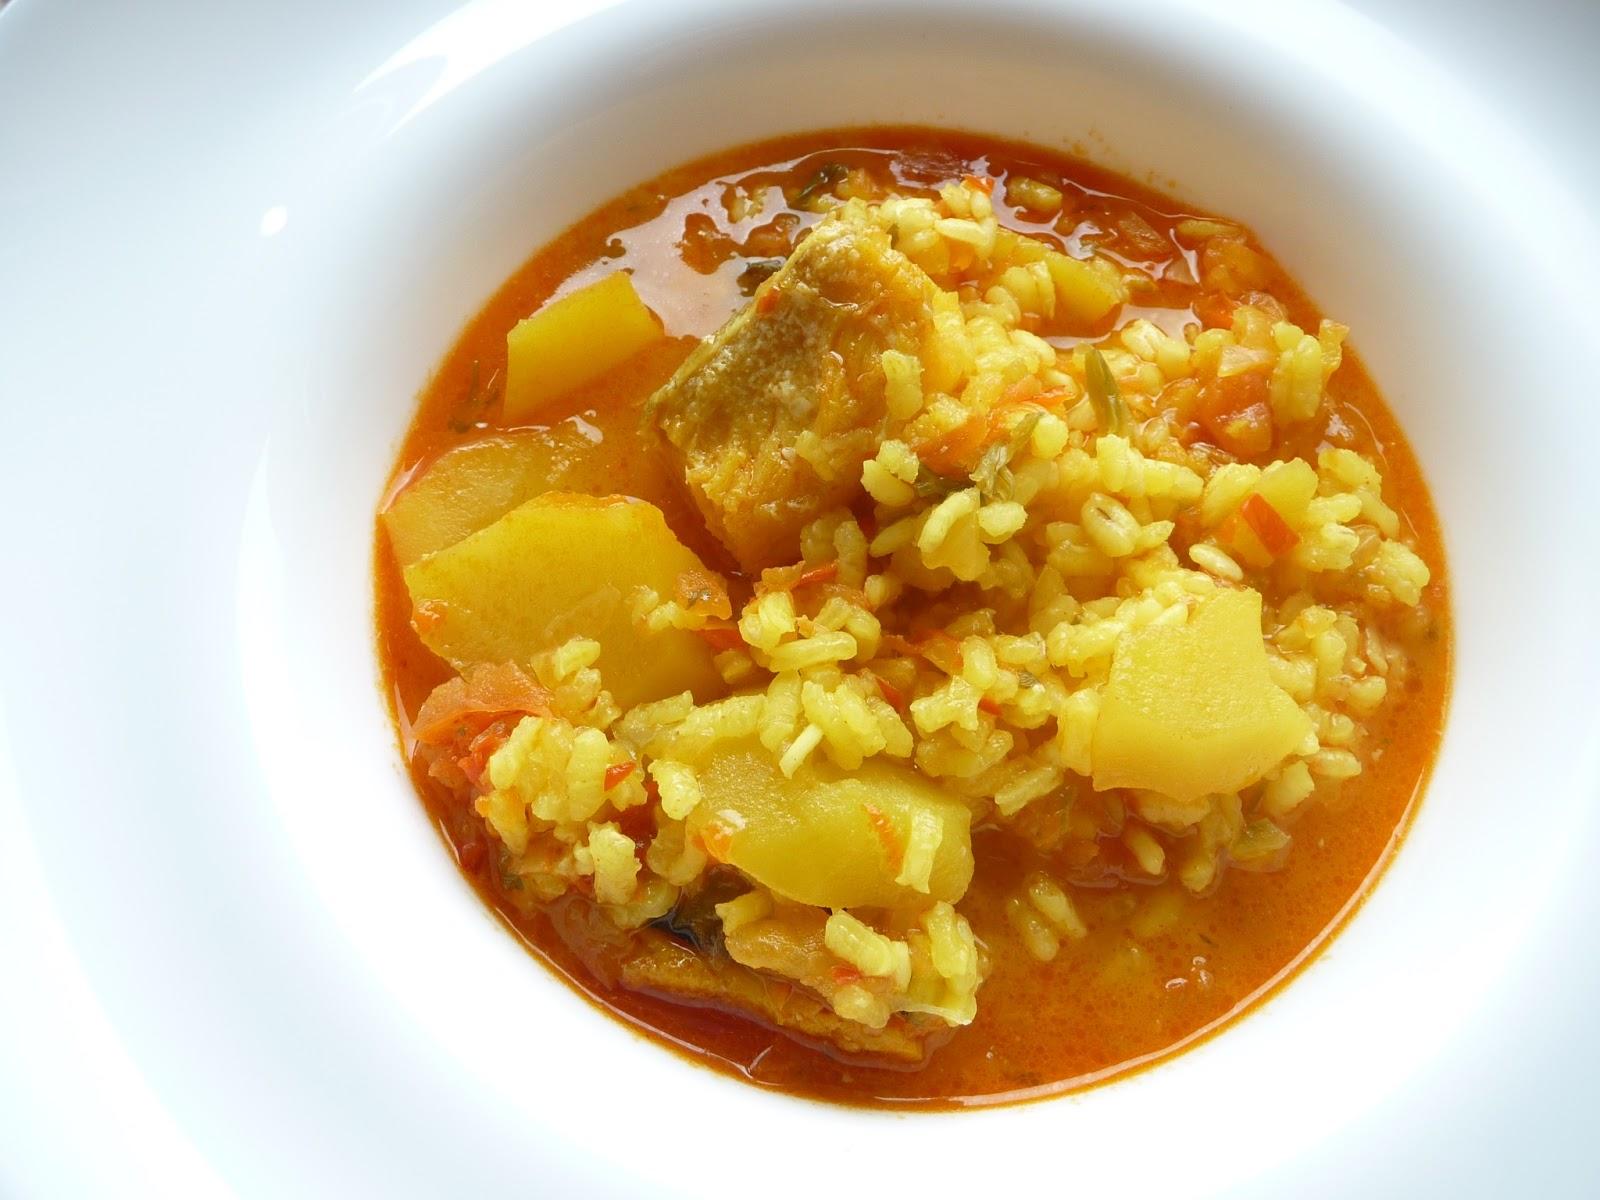 Bercianita chef arroz con bacalao - Arroz con bacalao desmigado ...